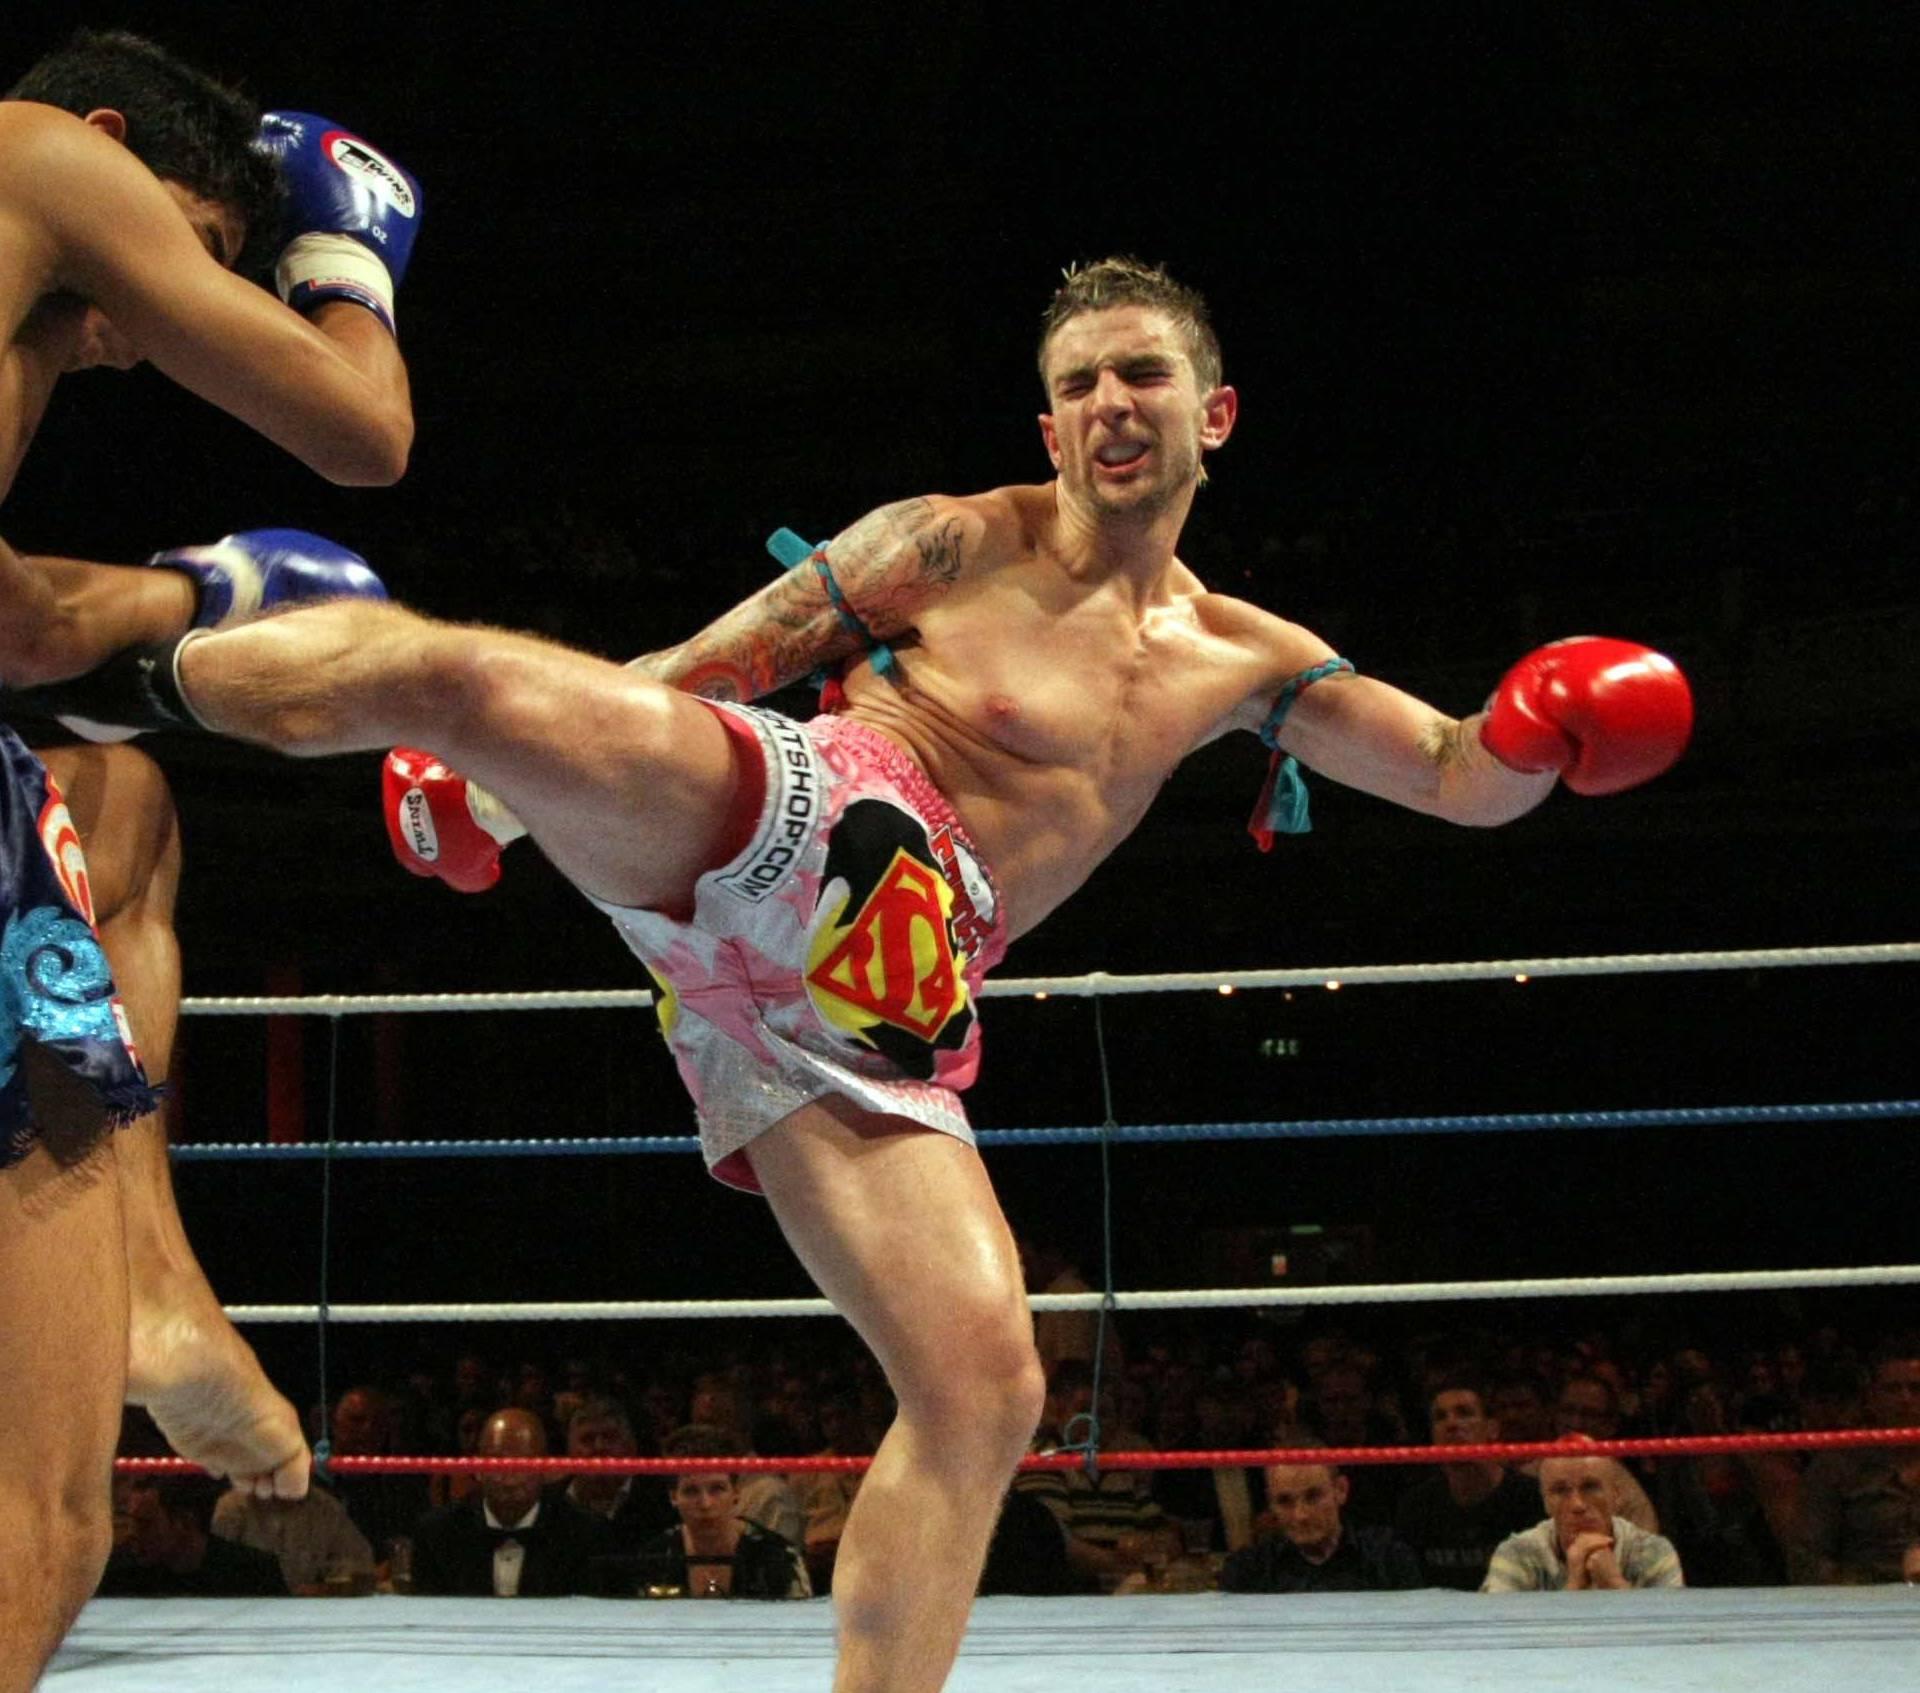 Spektakularni kickbox turnir u Zagrebu s više od 500 boraca